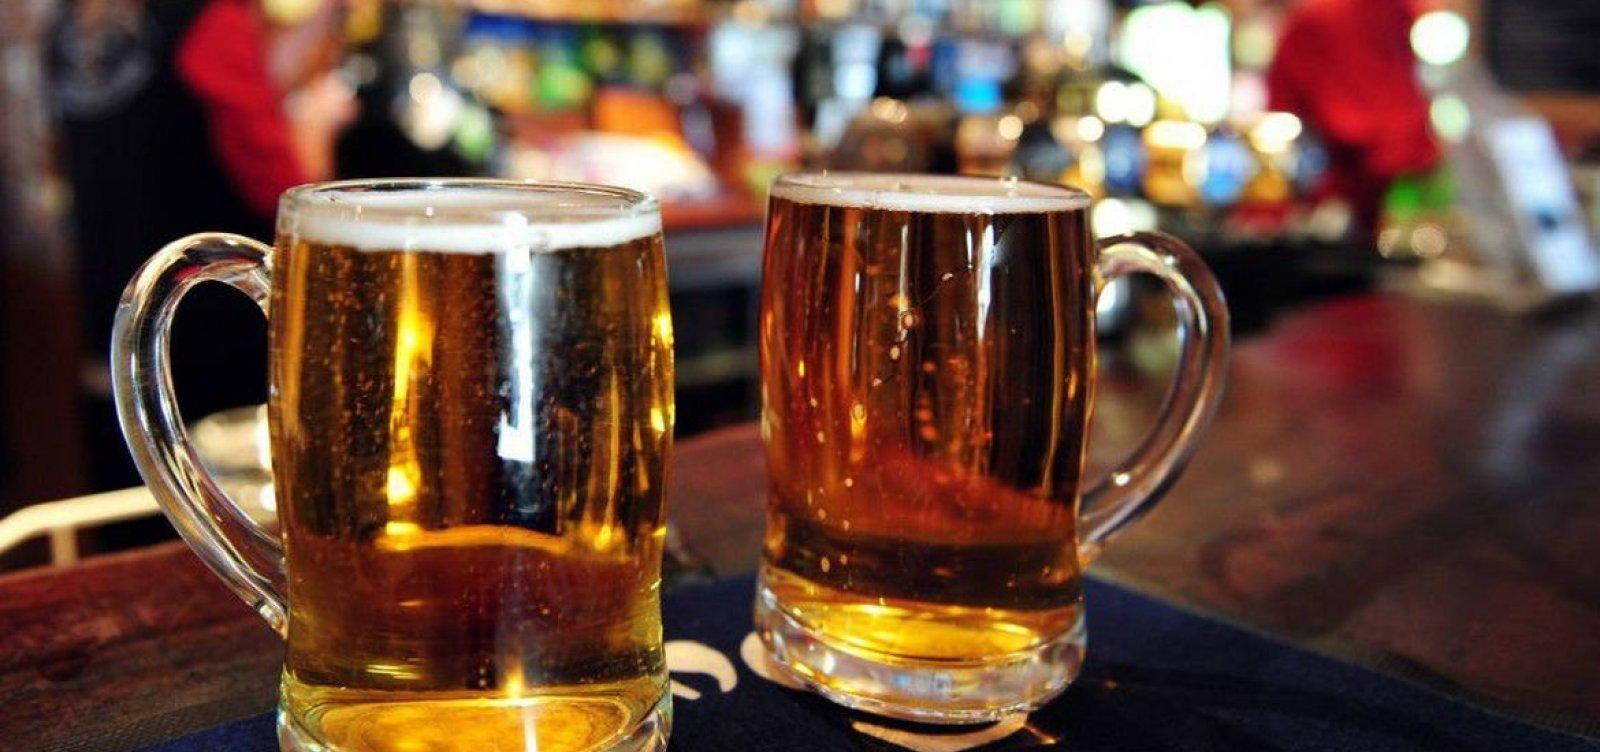 [Decreto que proíbe consumo de bebidas alcoólicas em bares de Belo Horizonte entra em vigor nesta segunda]